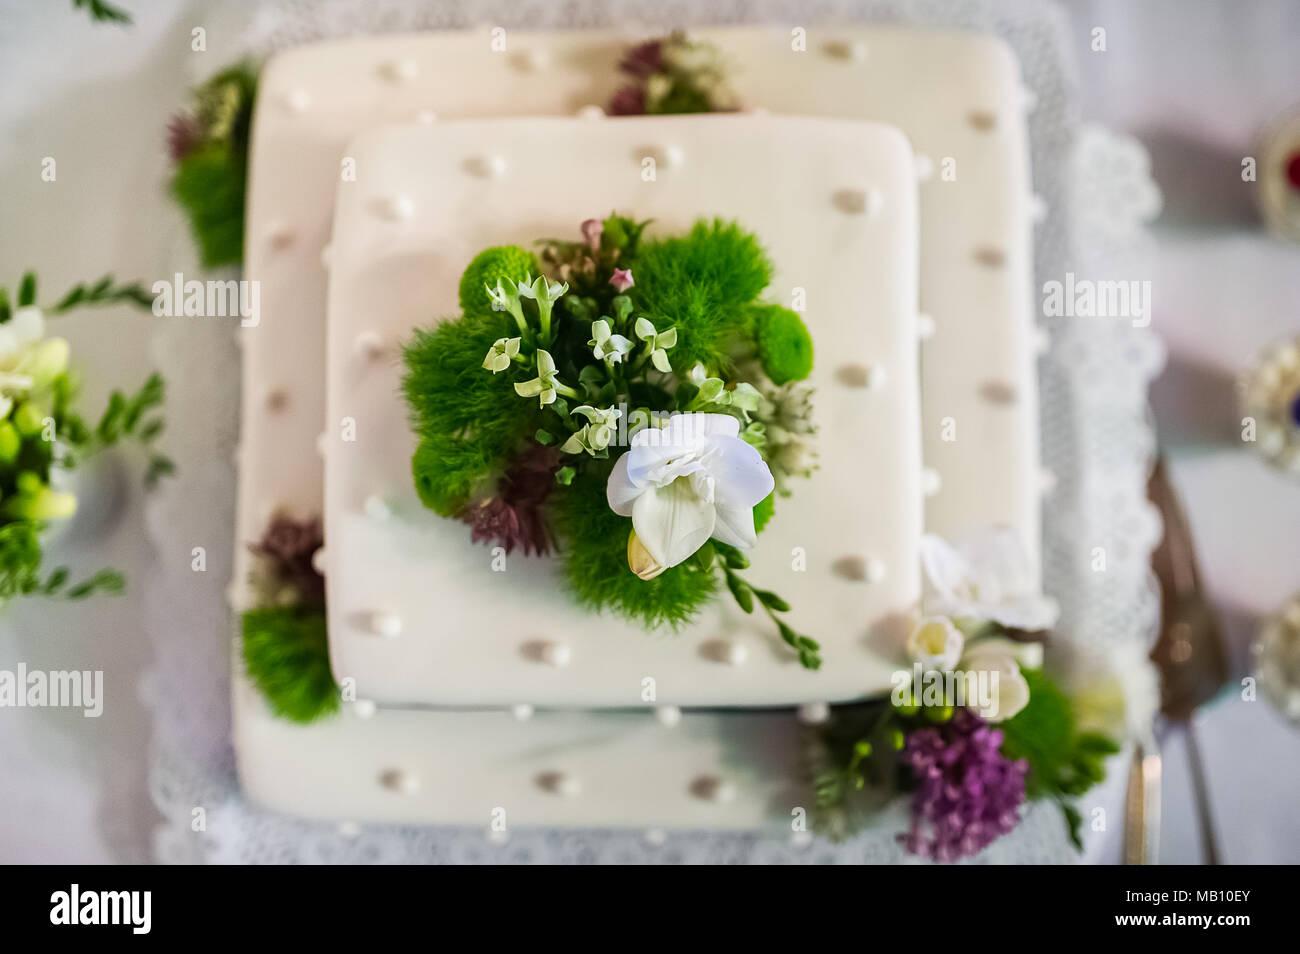 Gâteau de mariage avec un décor de fleurs et de glaçage blanc Photo Stock